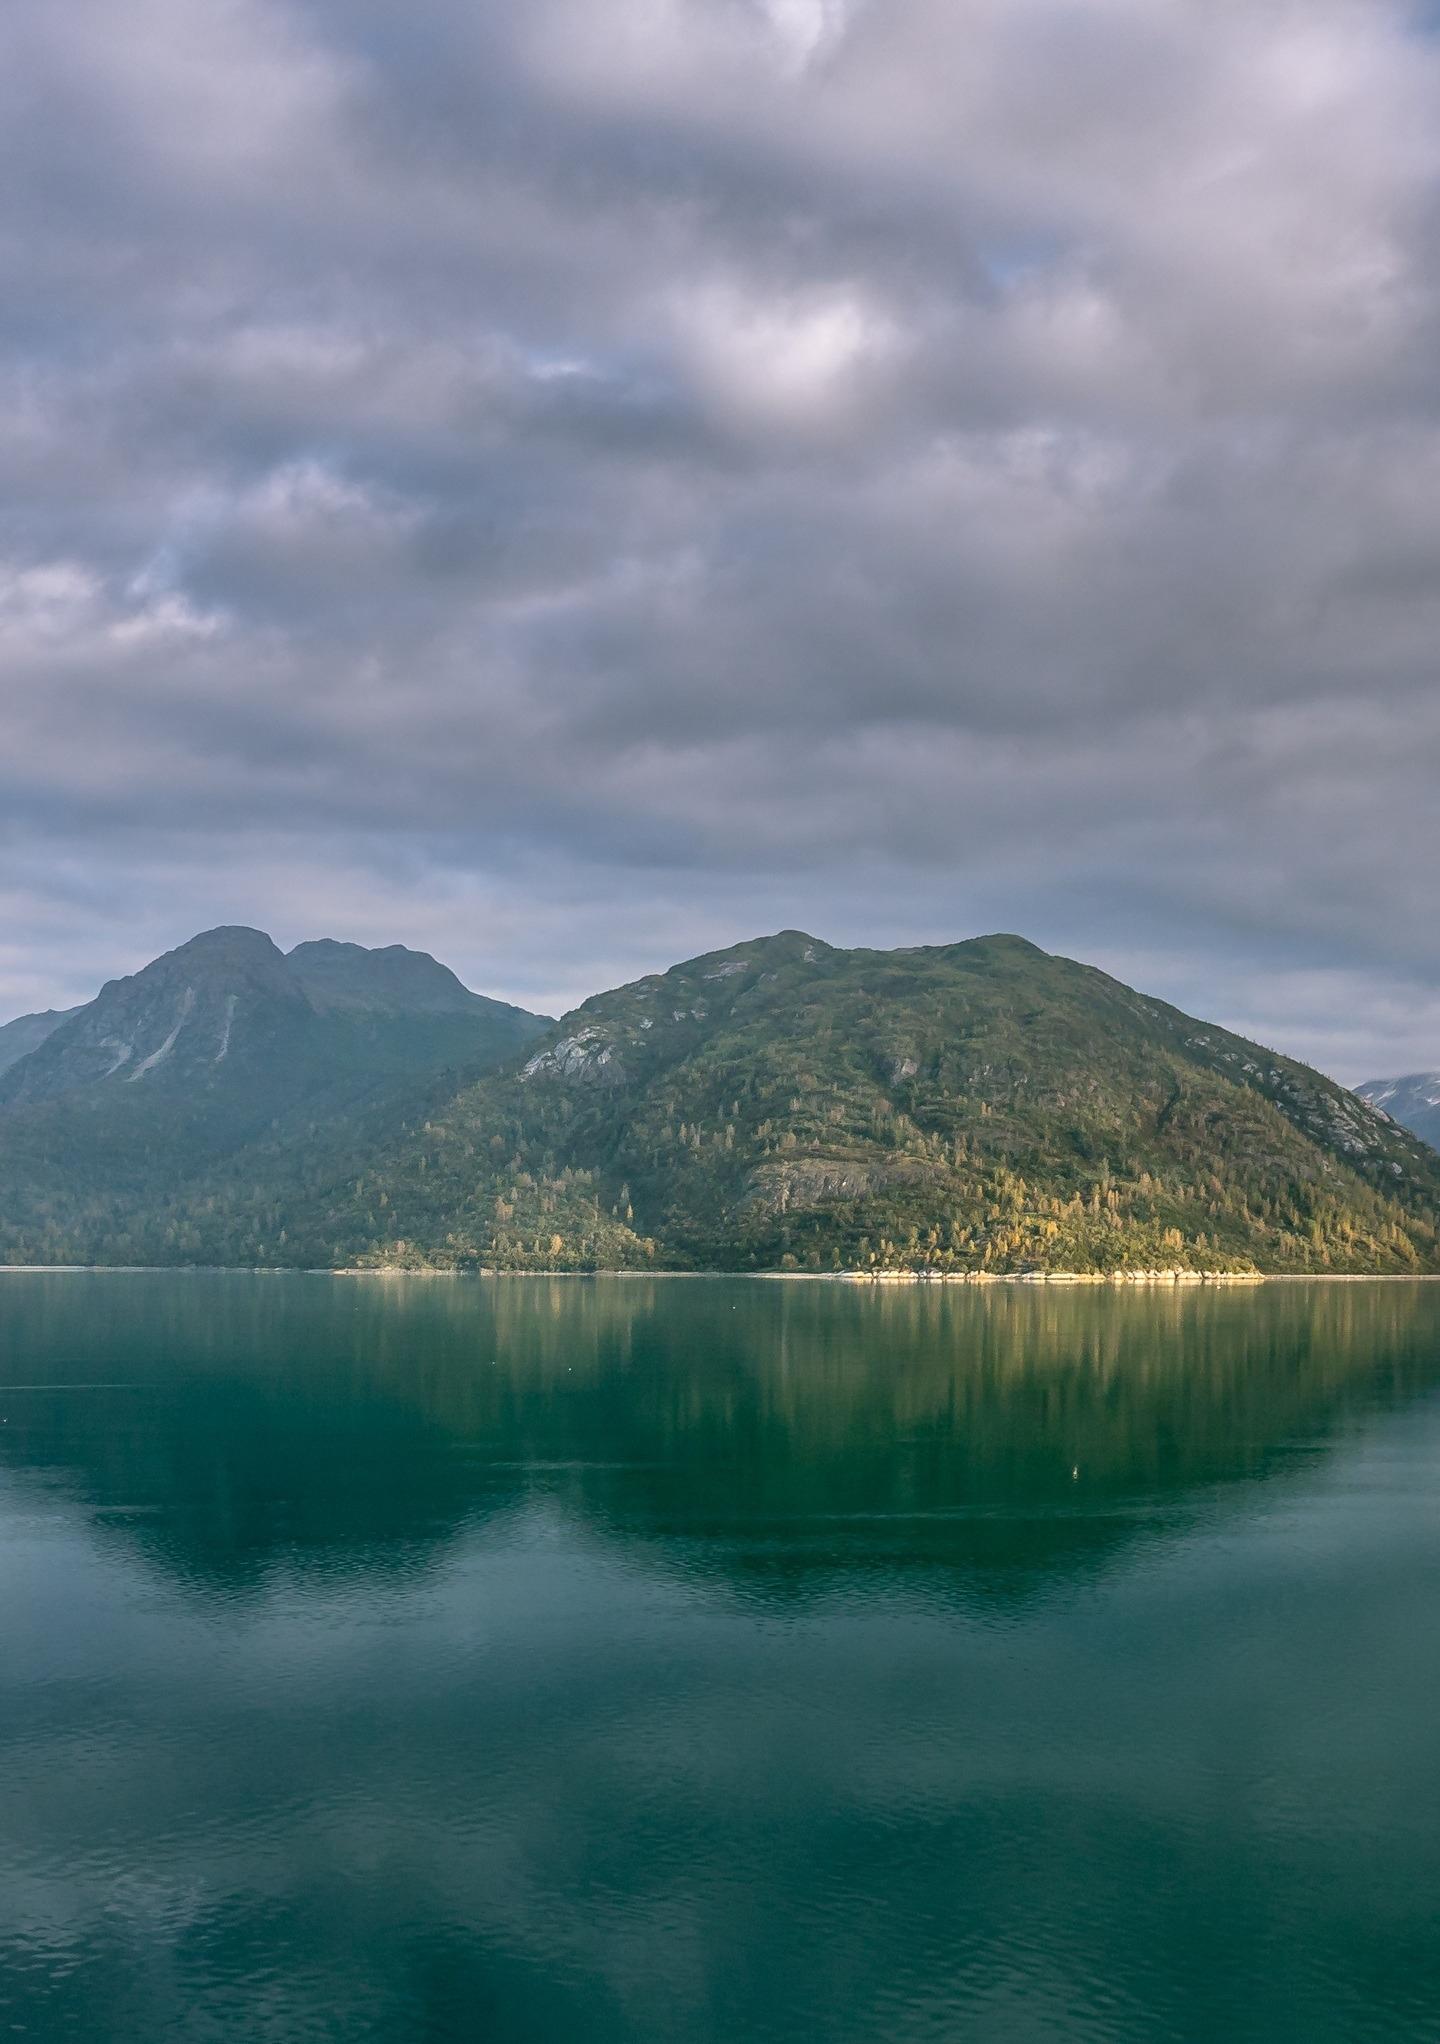 Alaska mountains, lake, clouds, 1440x2880 wallpaper